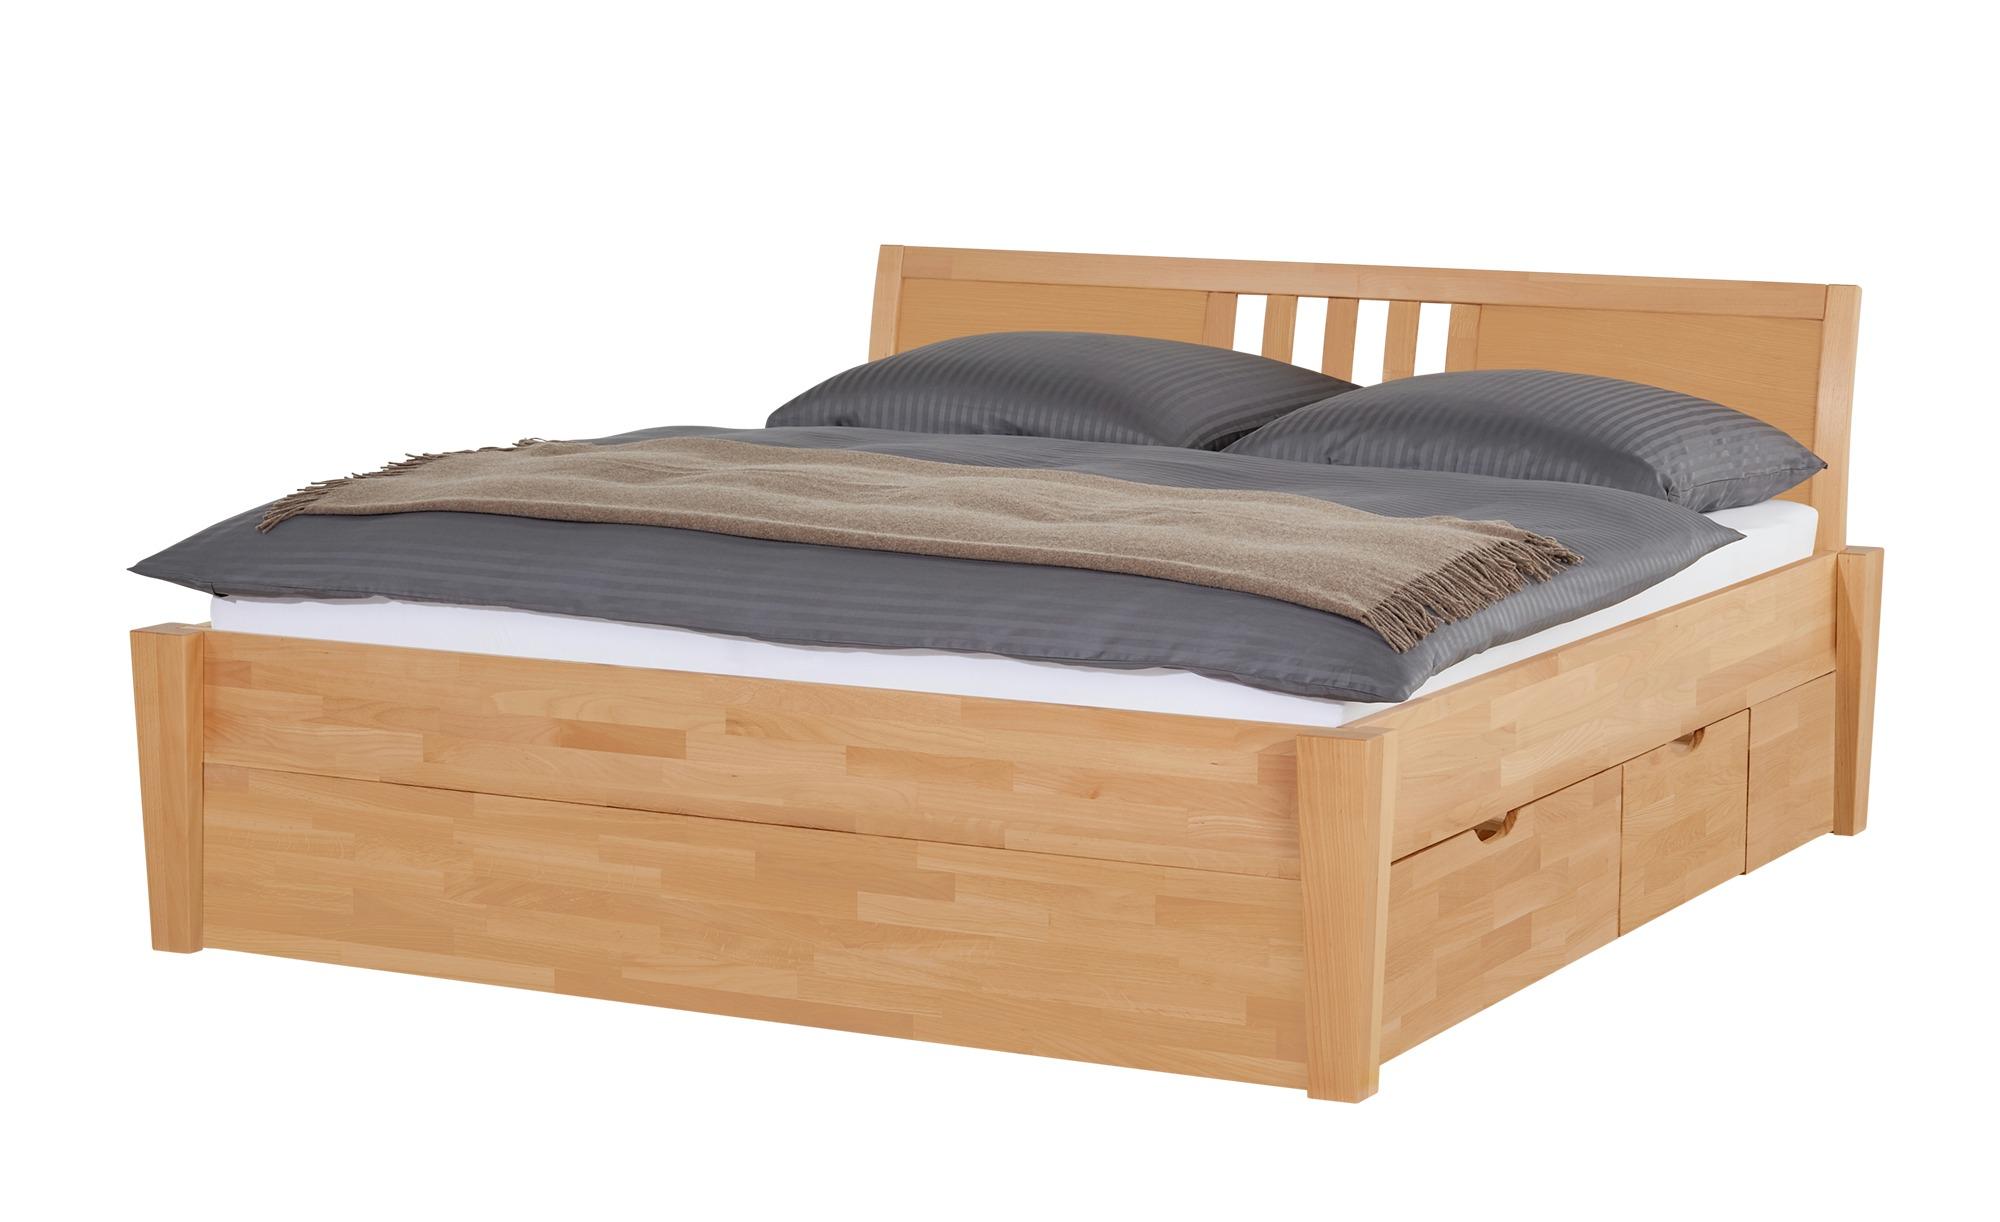 Massivholz-Bettgestell mit Bettkasten Timber ¦ holzfarben ¦ Maße (cm): B: 176 H: 93 Betten > Futonbetten - Höffner | Schlafzimmer > Betten > Futonbetten | Möbel Höffner DE